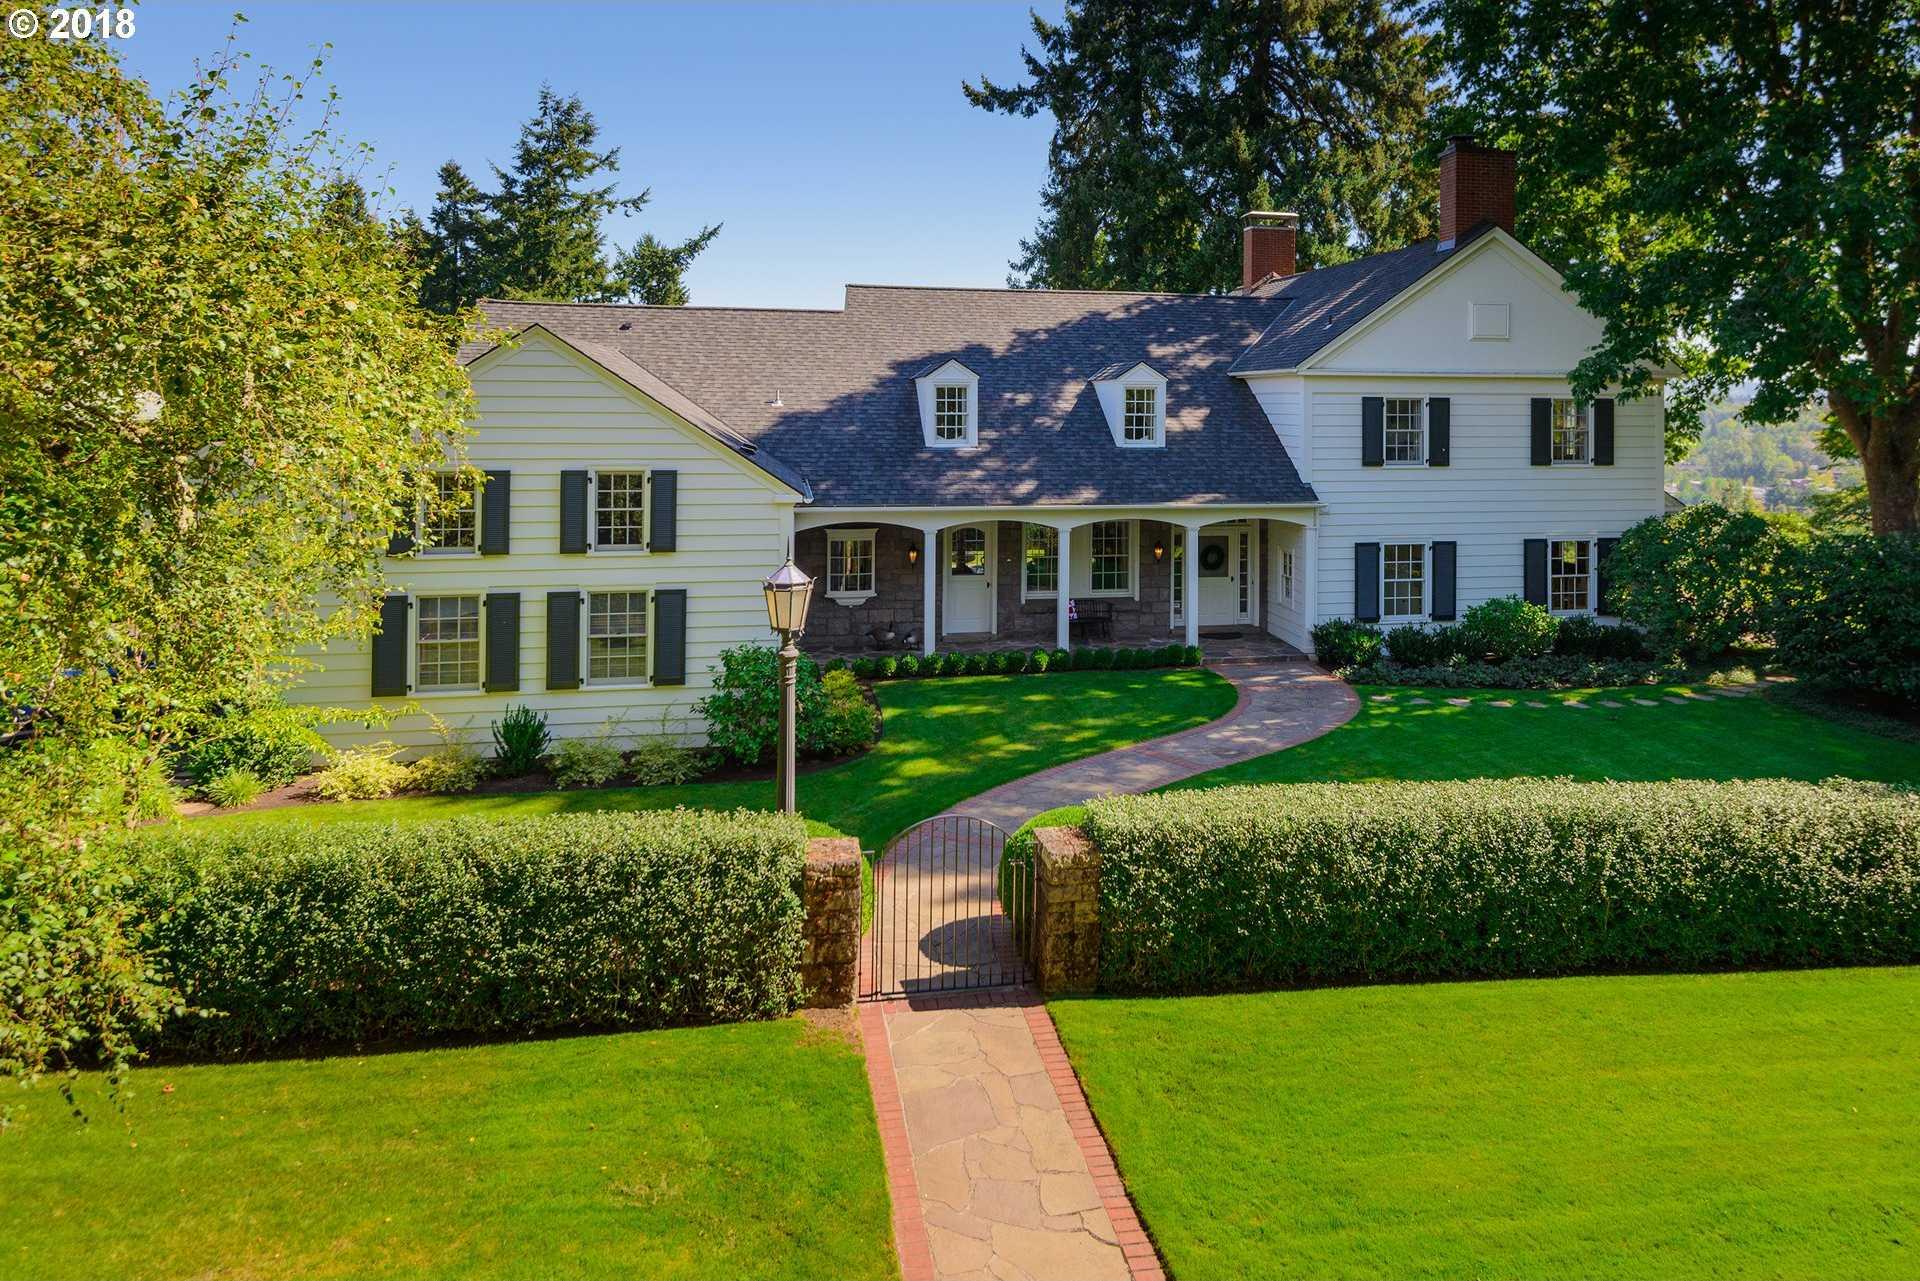 $2,679,000 - 4Br/5Ba -  for Sale in Dunthorpe Riverdale, Portland